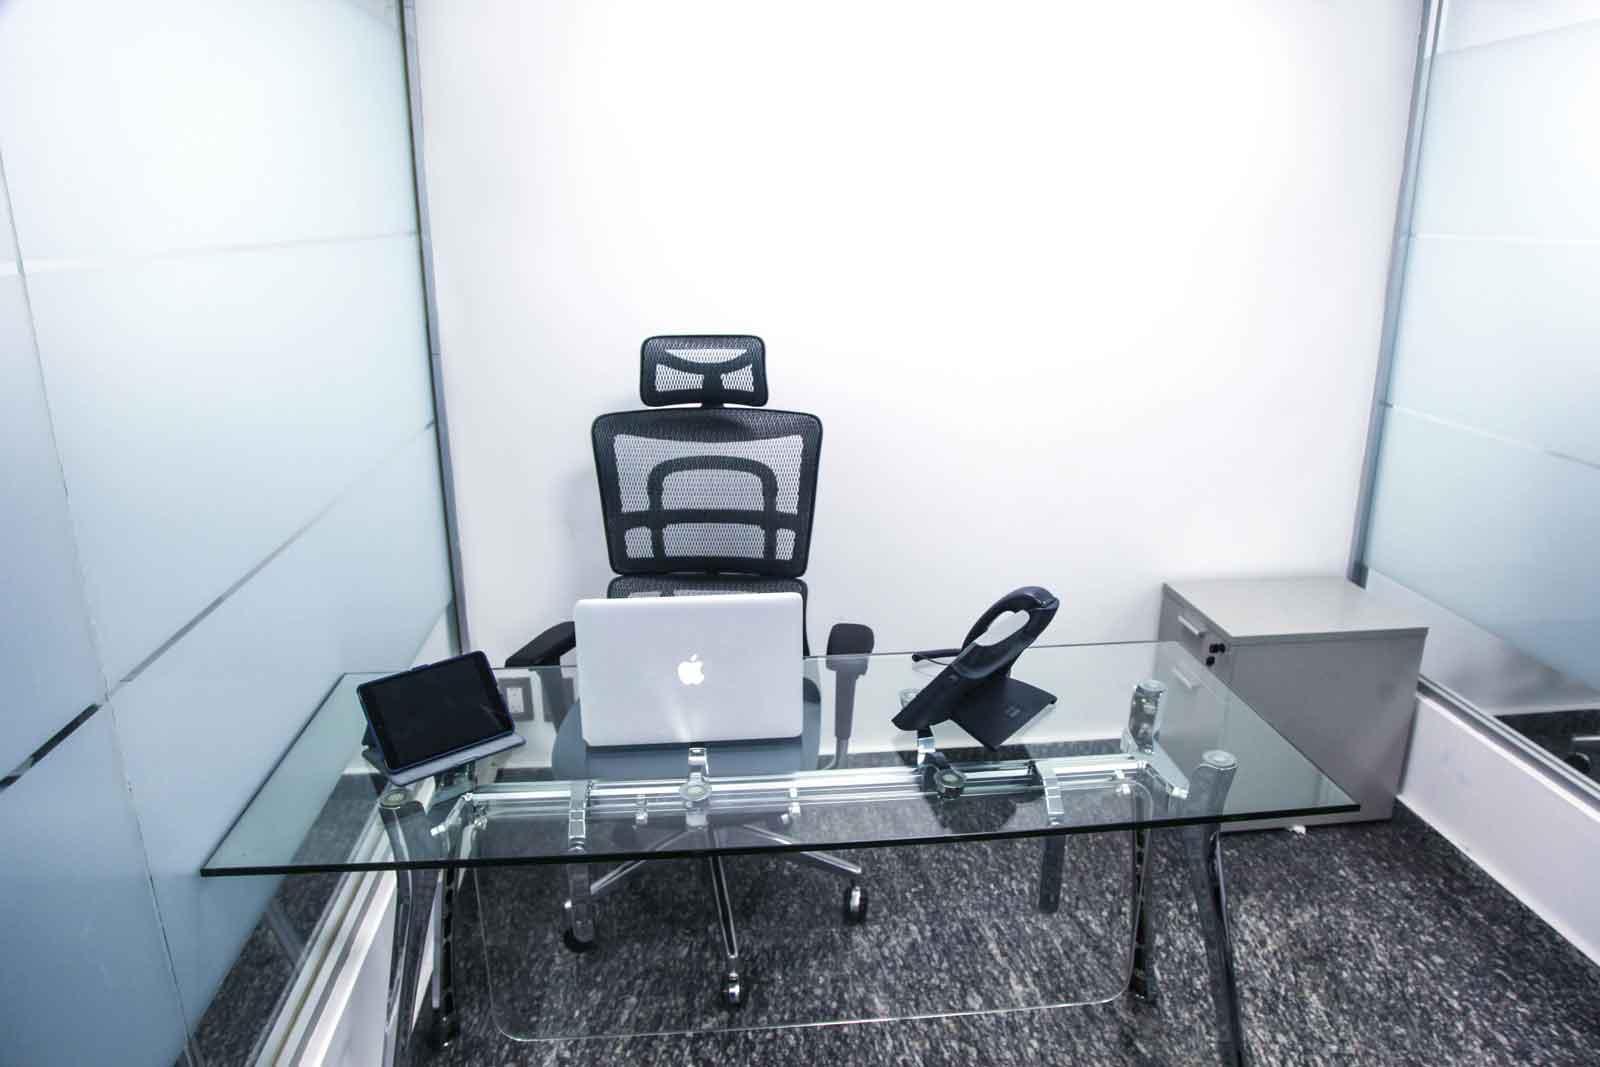 Oficinas privadas para sus negocios y reuniones corporativas